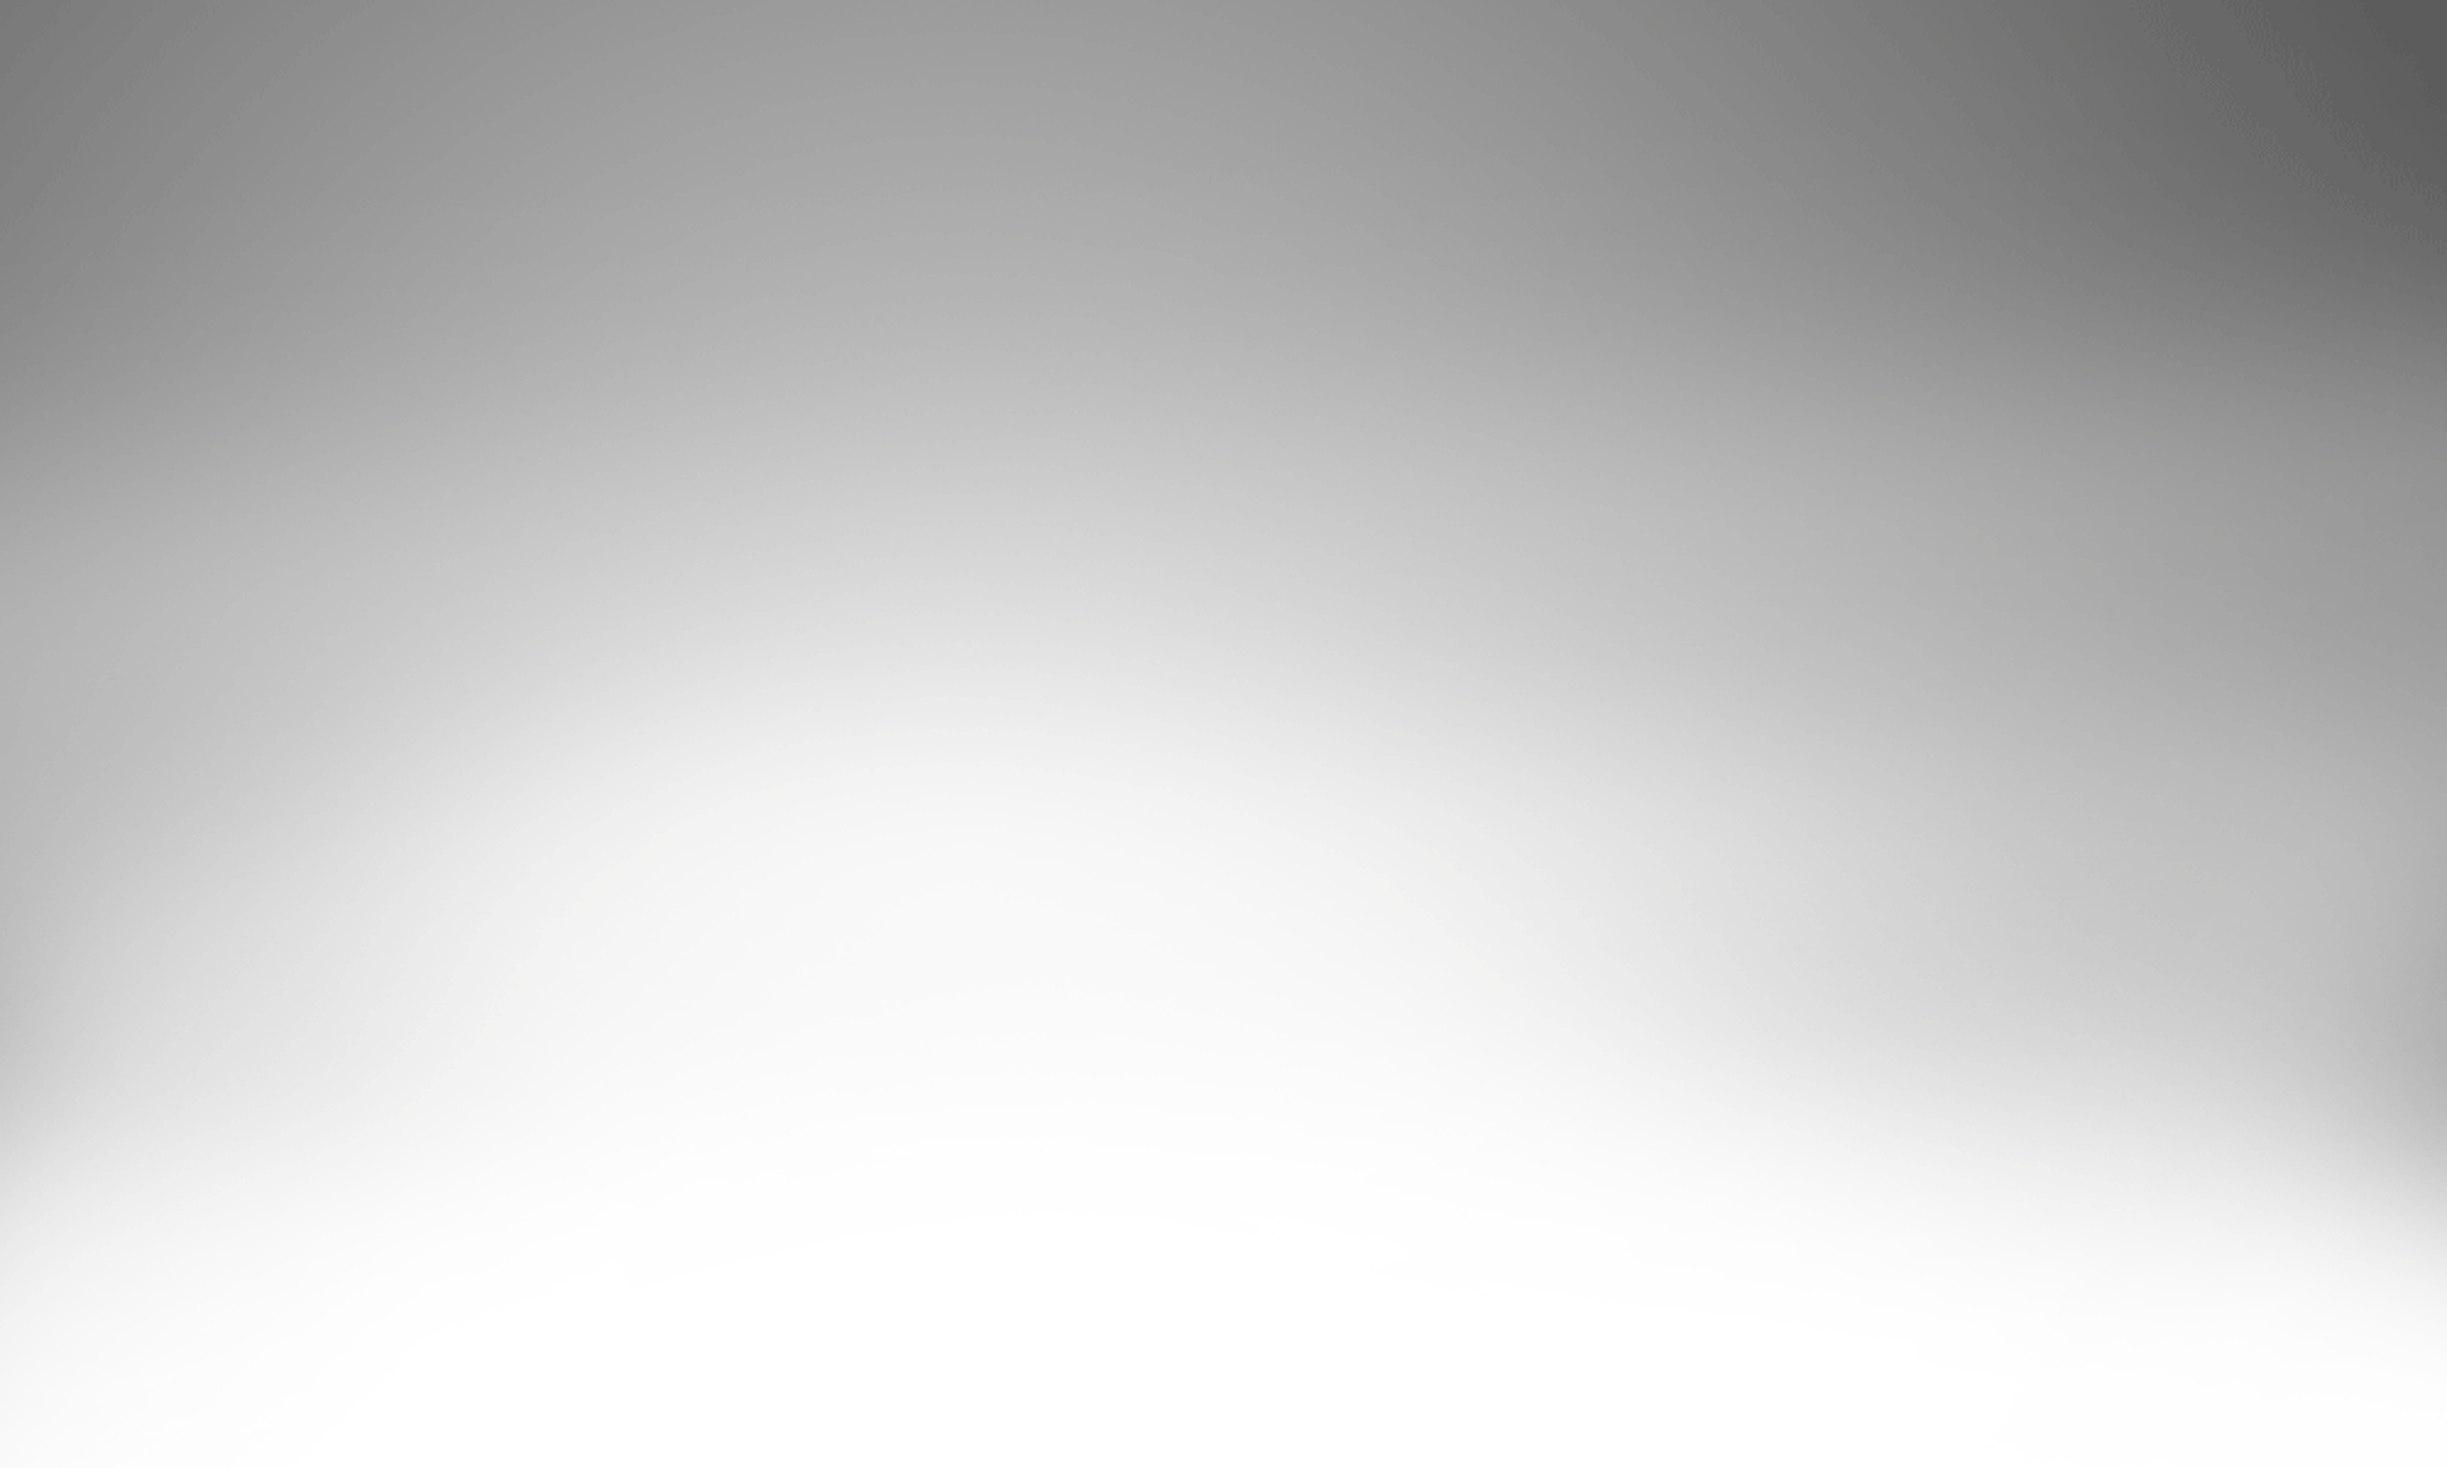 White Gradient Background 2